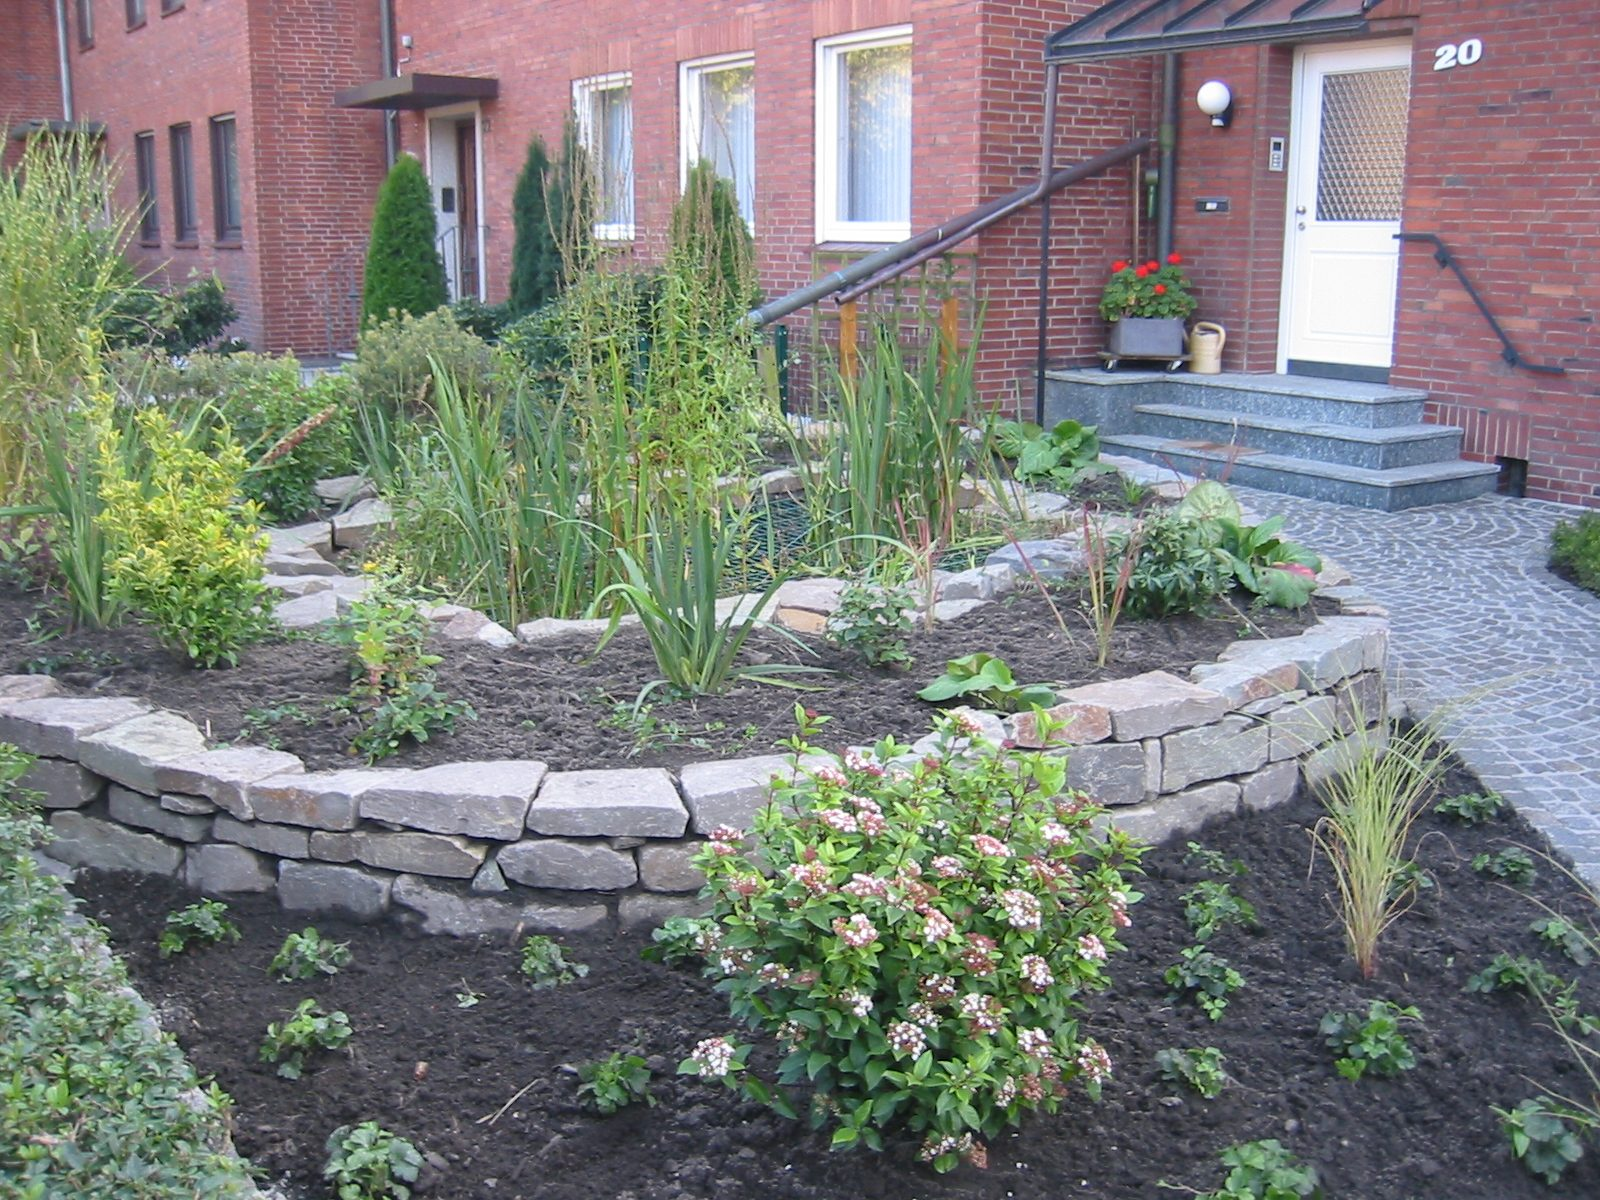 vorgarten mit trockenmauer garten und landschaftsbau. Black Bedroom Furniture Sets. Home Design Ideas